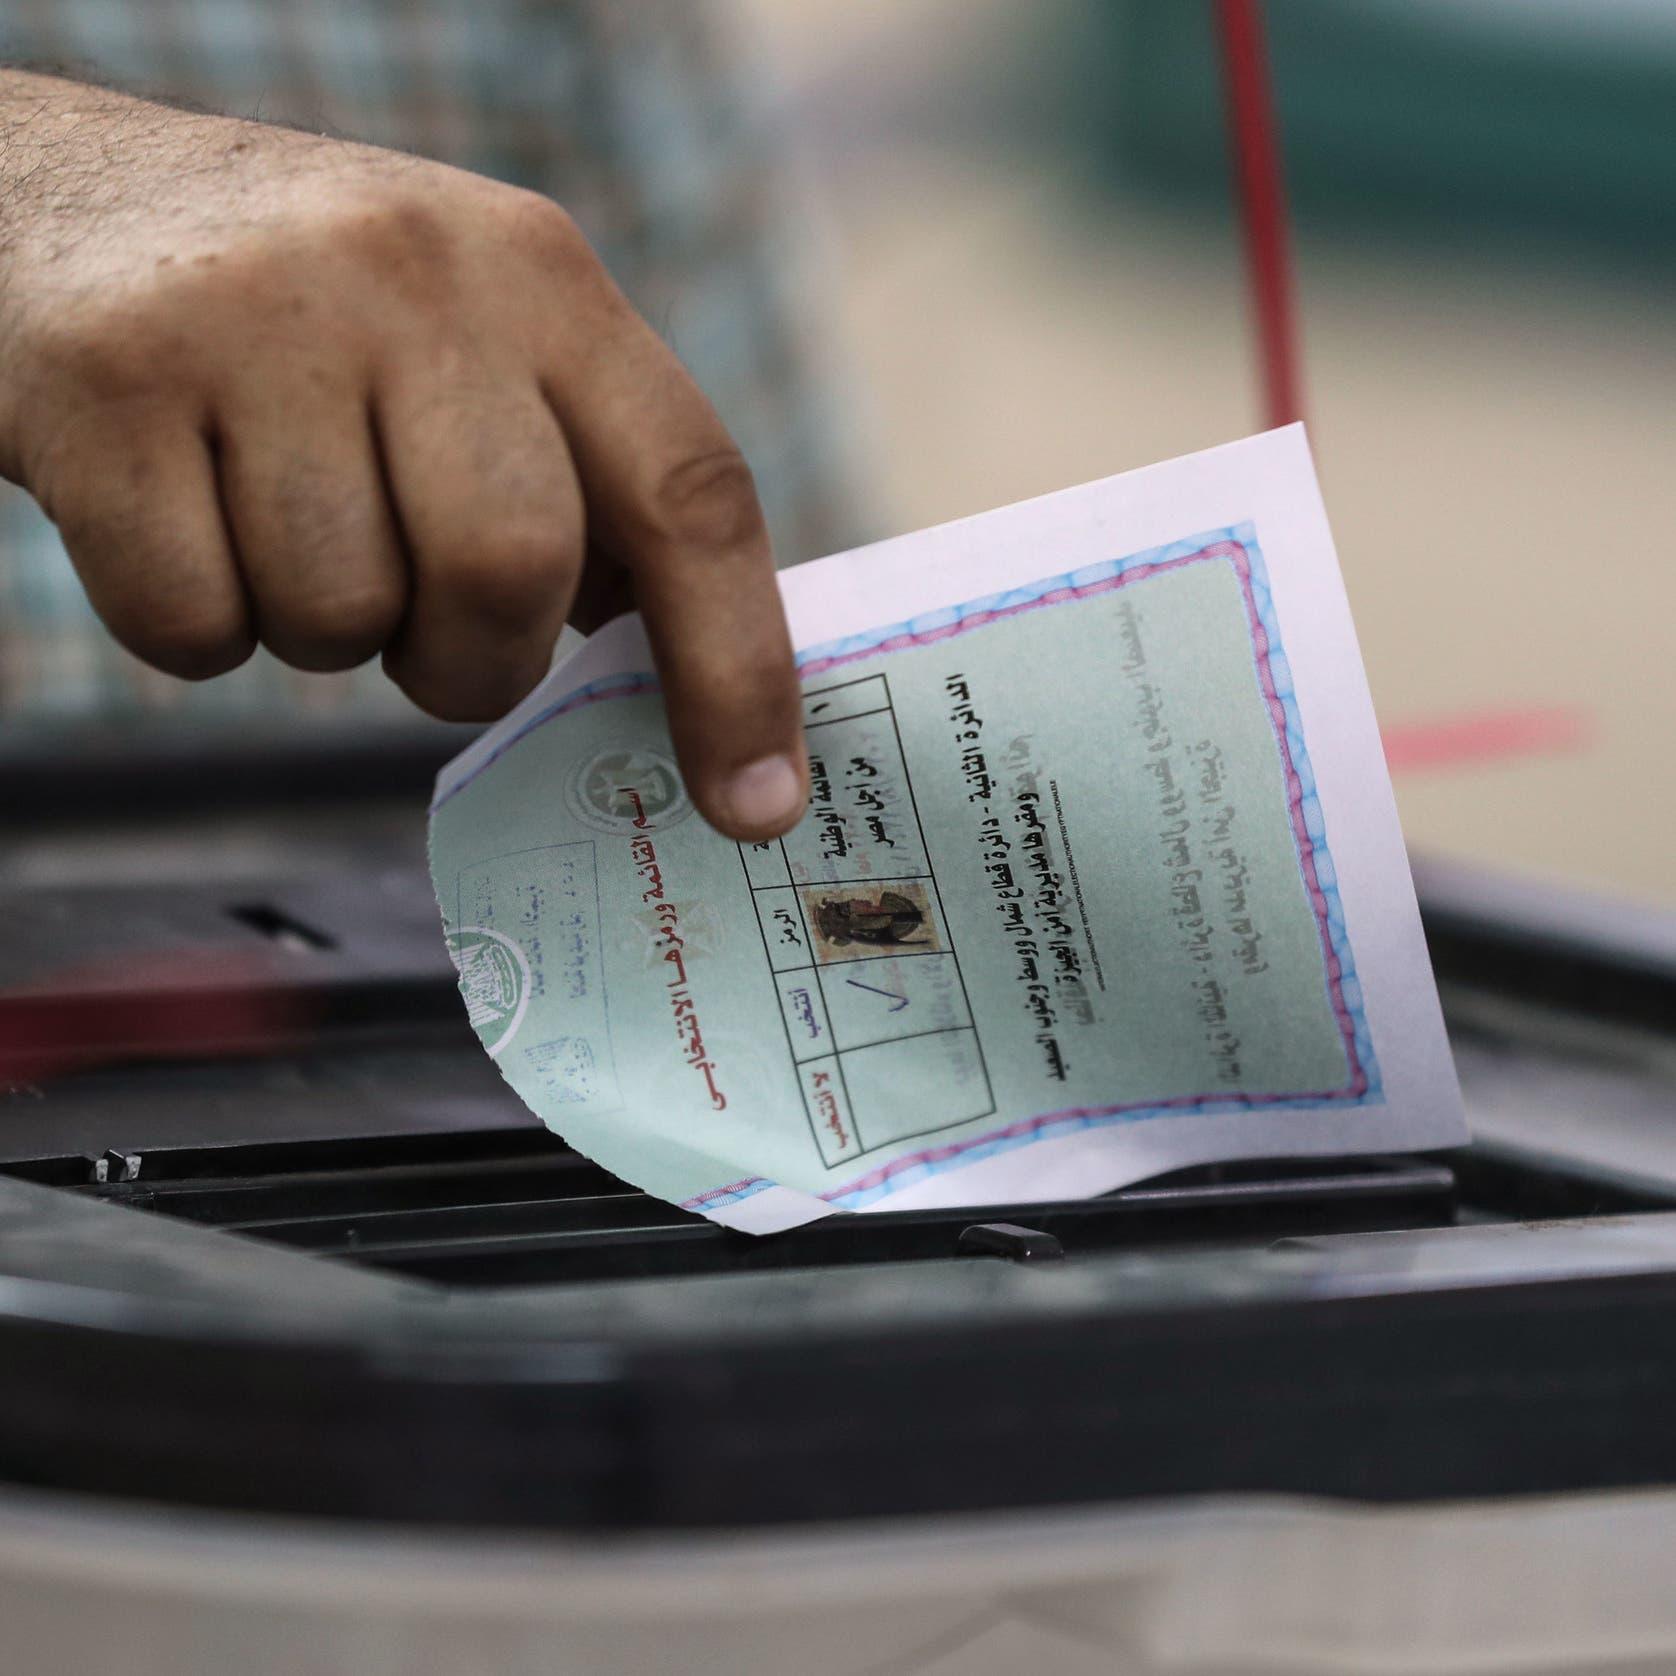 انتخابات مجلس شيوخ مصر.. 52 مليوناً إلى النيابة العامة